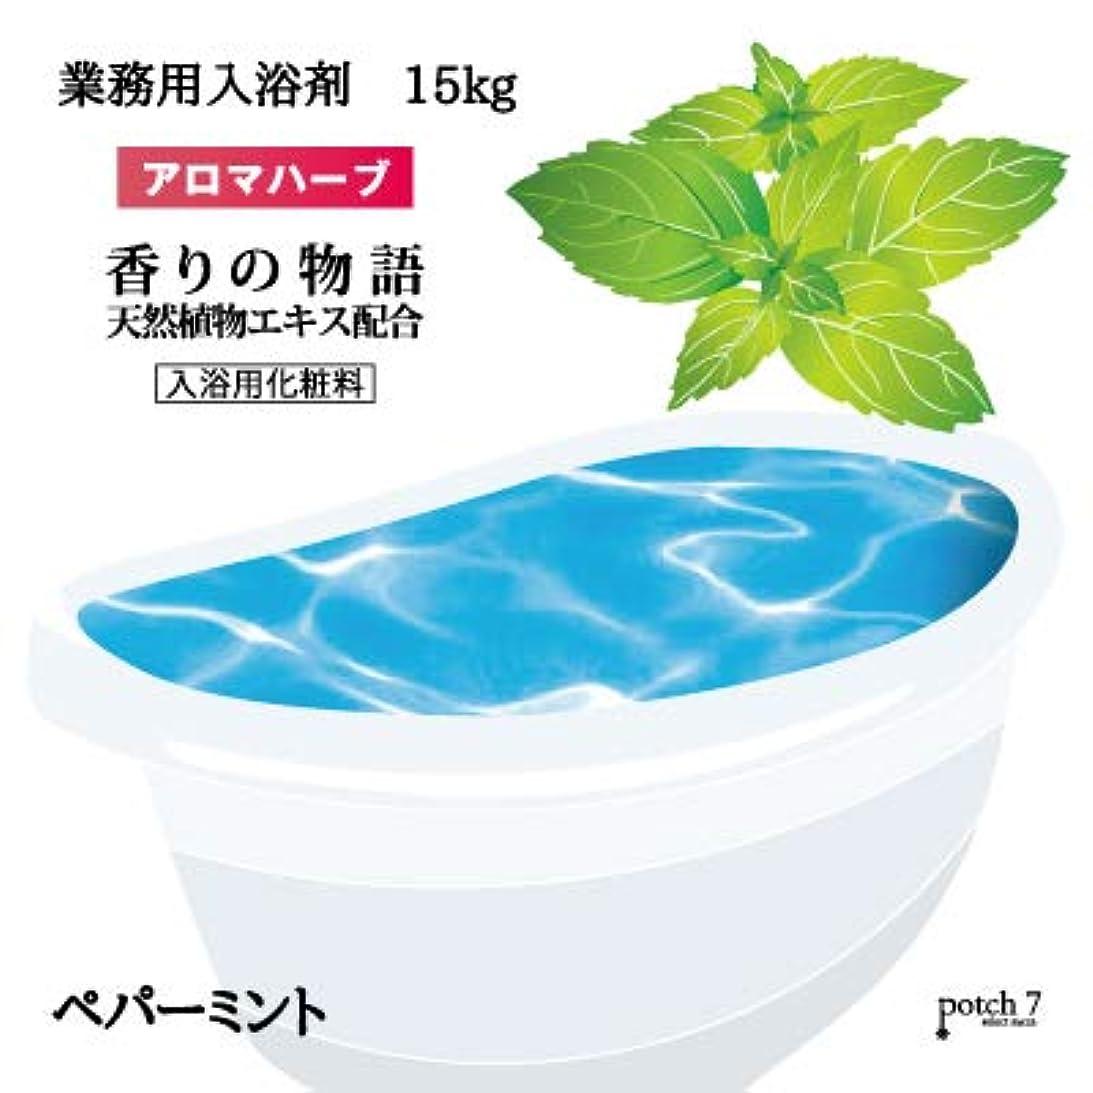 競うグリーンバックずんぐりした業務用入浴剤「ペパーミント」15Kg(7.5Kgx2袋入)GYM-PM